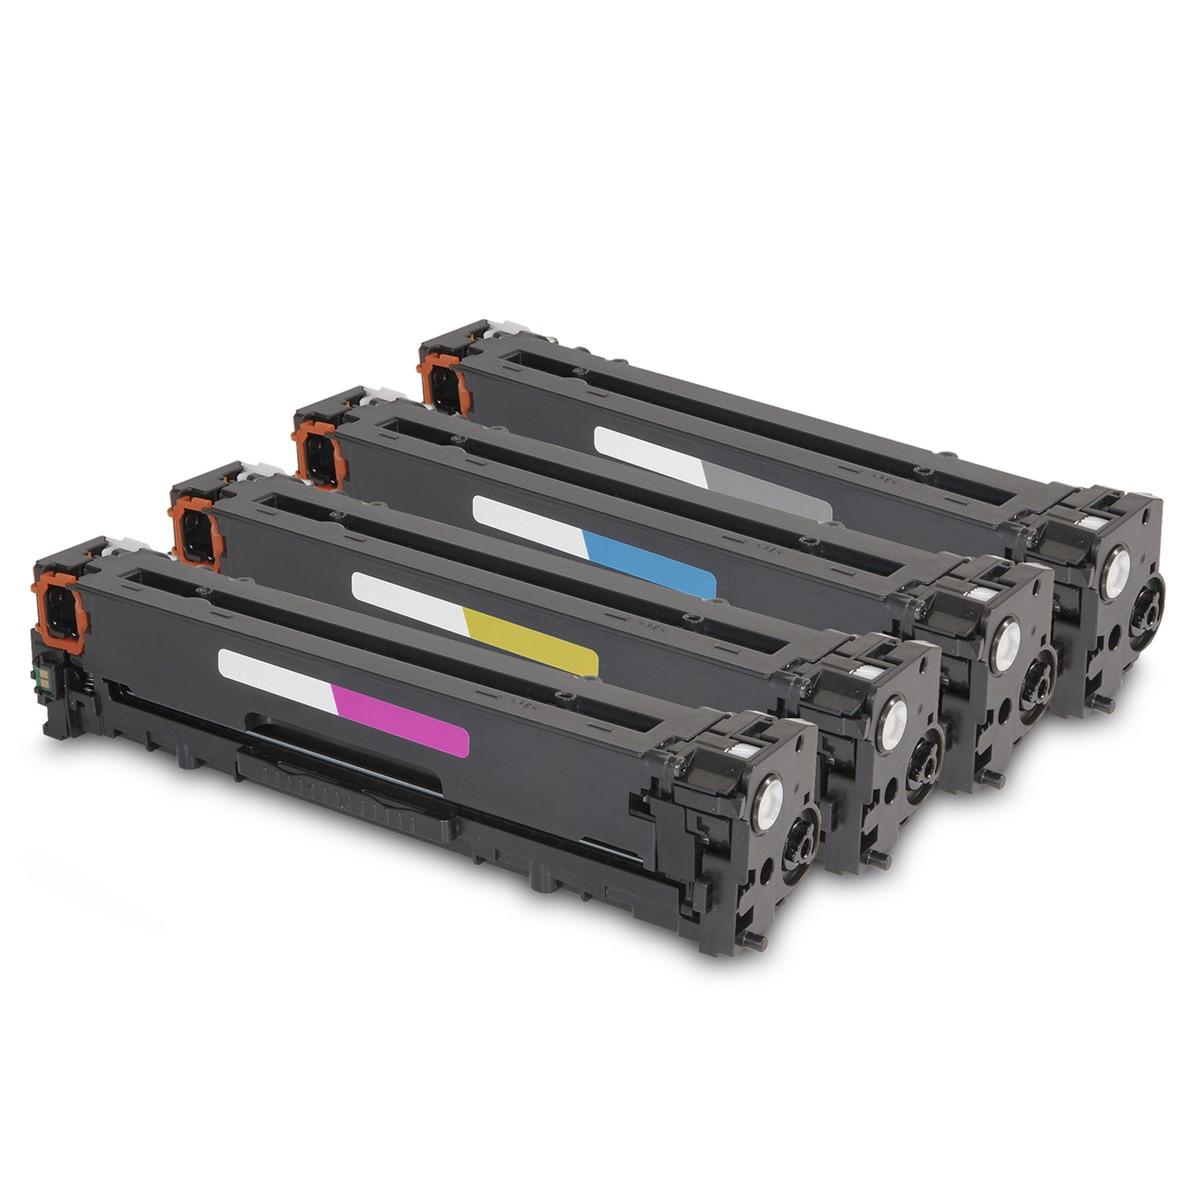 Kit 4 Toner Compatível com HP CE320A CE321A CE322A CE323A | CM1415 CM1415FN CM1415FNW CP1525 Premium